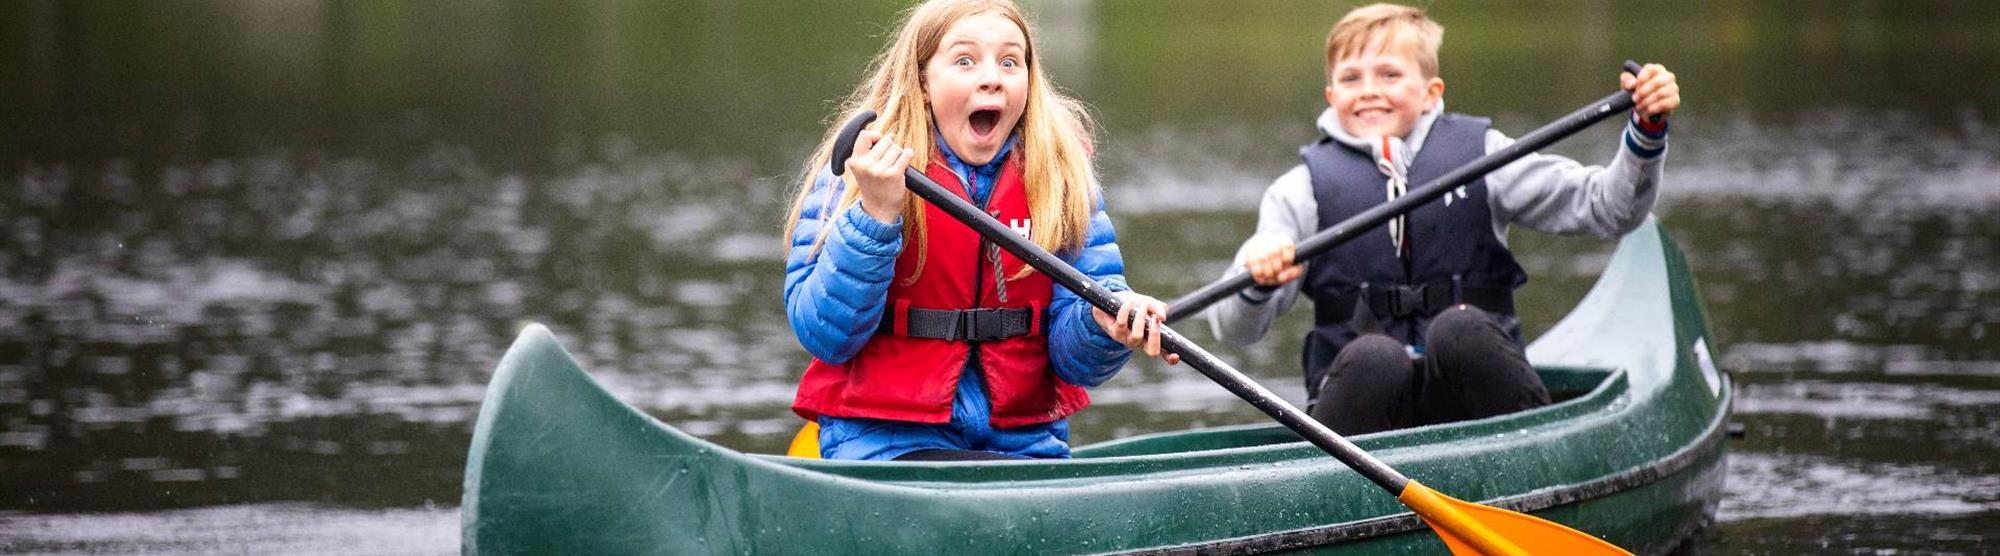 Norgesferie med barn i Bergensregionen